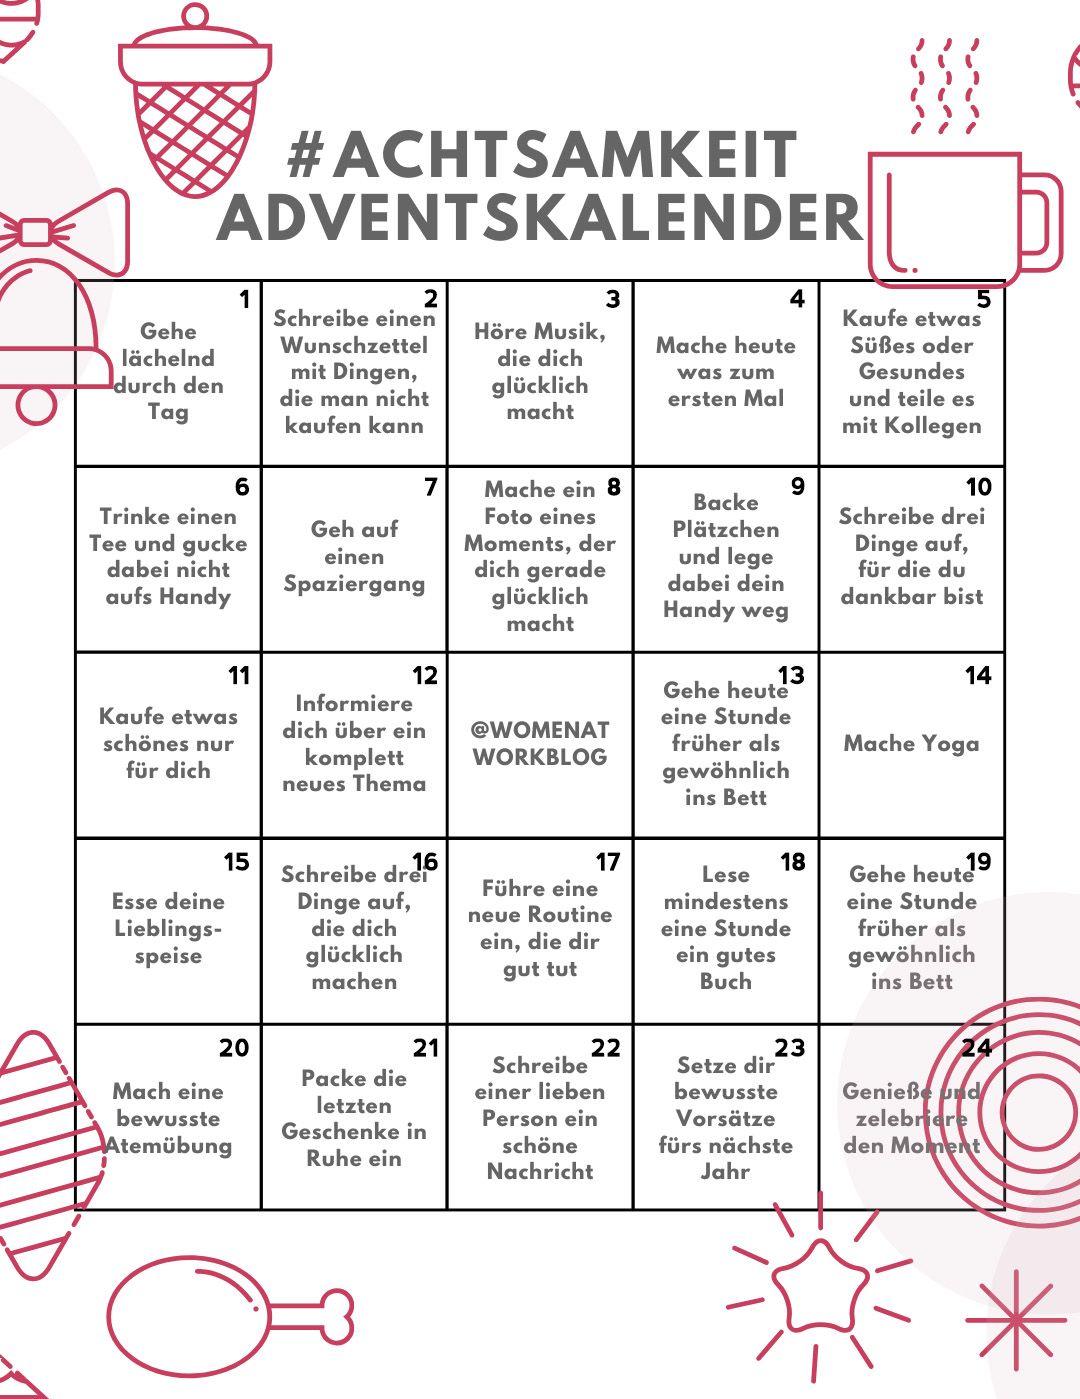 Achtsamkeit Adventskalender 24 Tage Fur Mehr Selbstfursorge In Der Vorweihnachtszeit Women At Work Adventkalender Adventskalender Weihnachtskalender